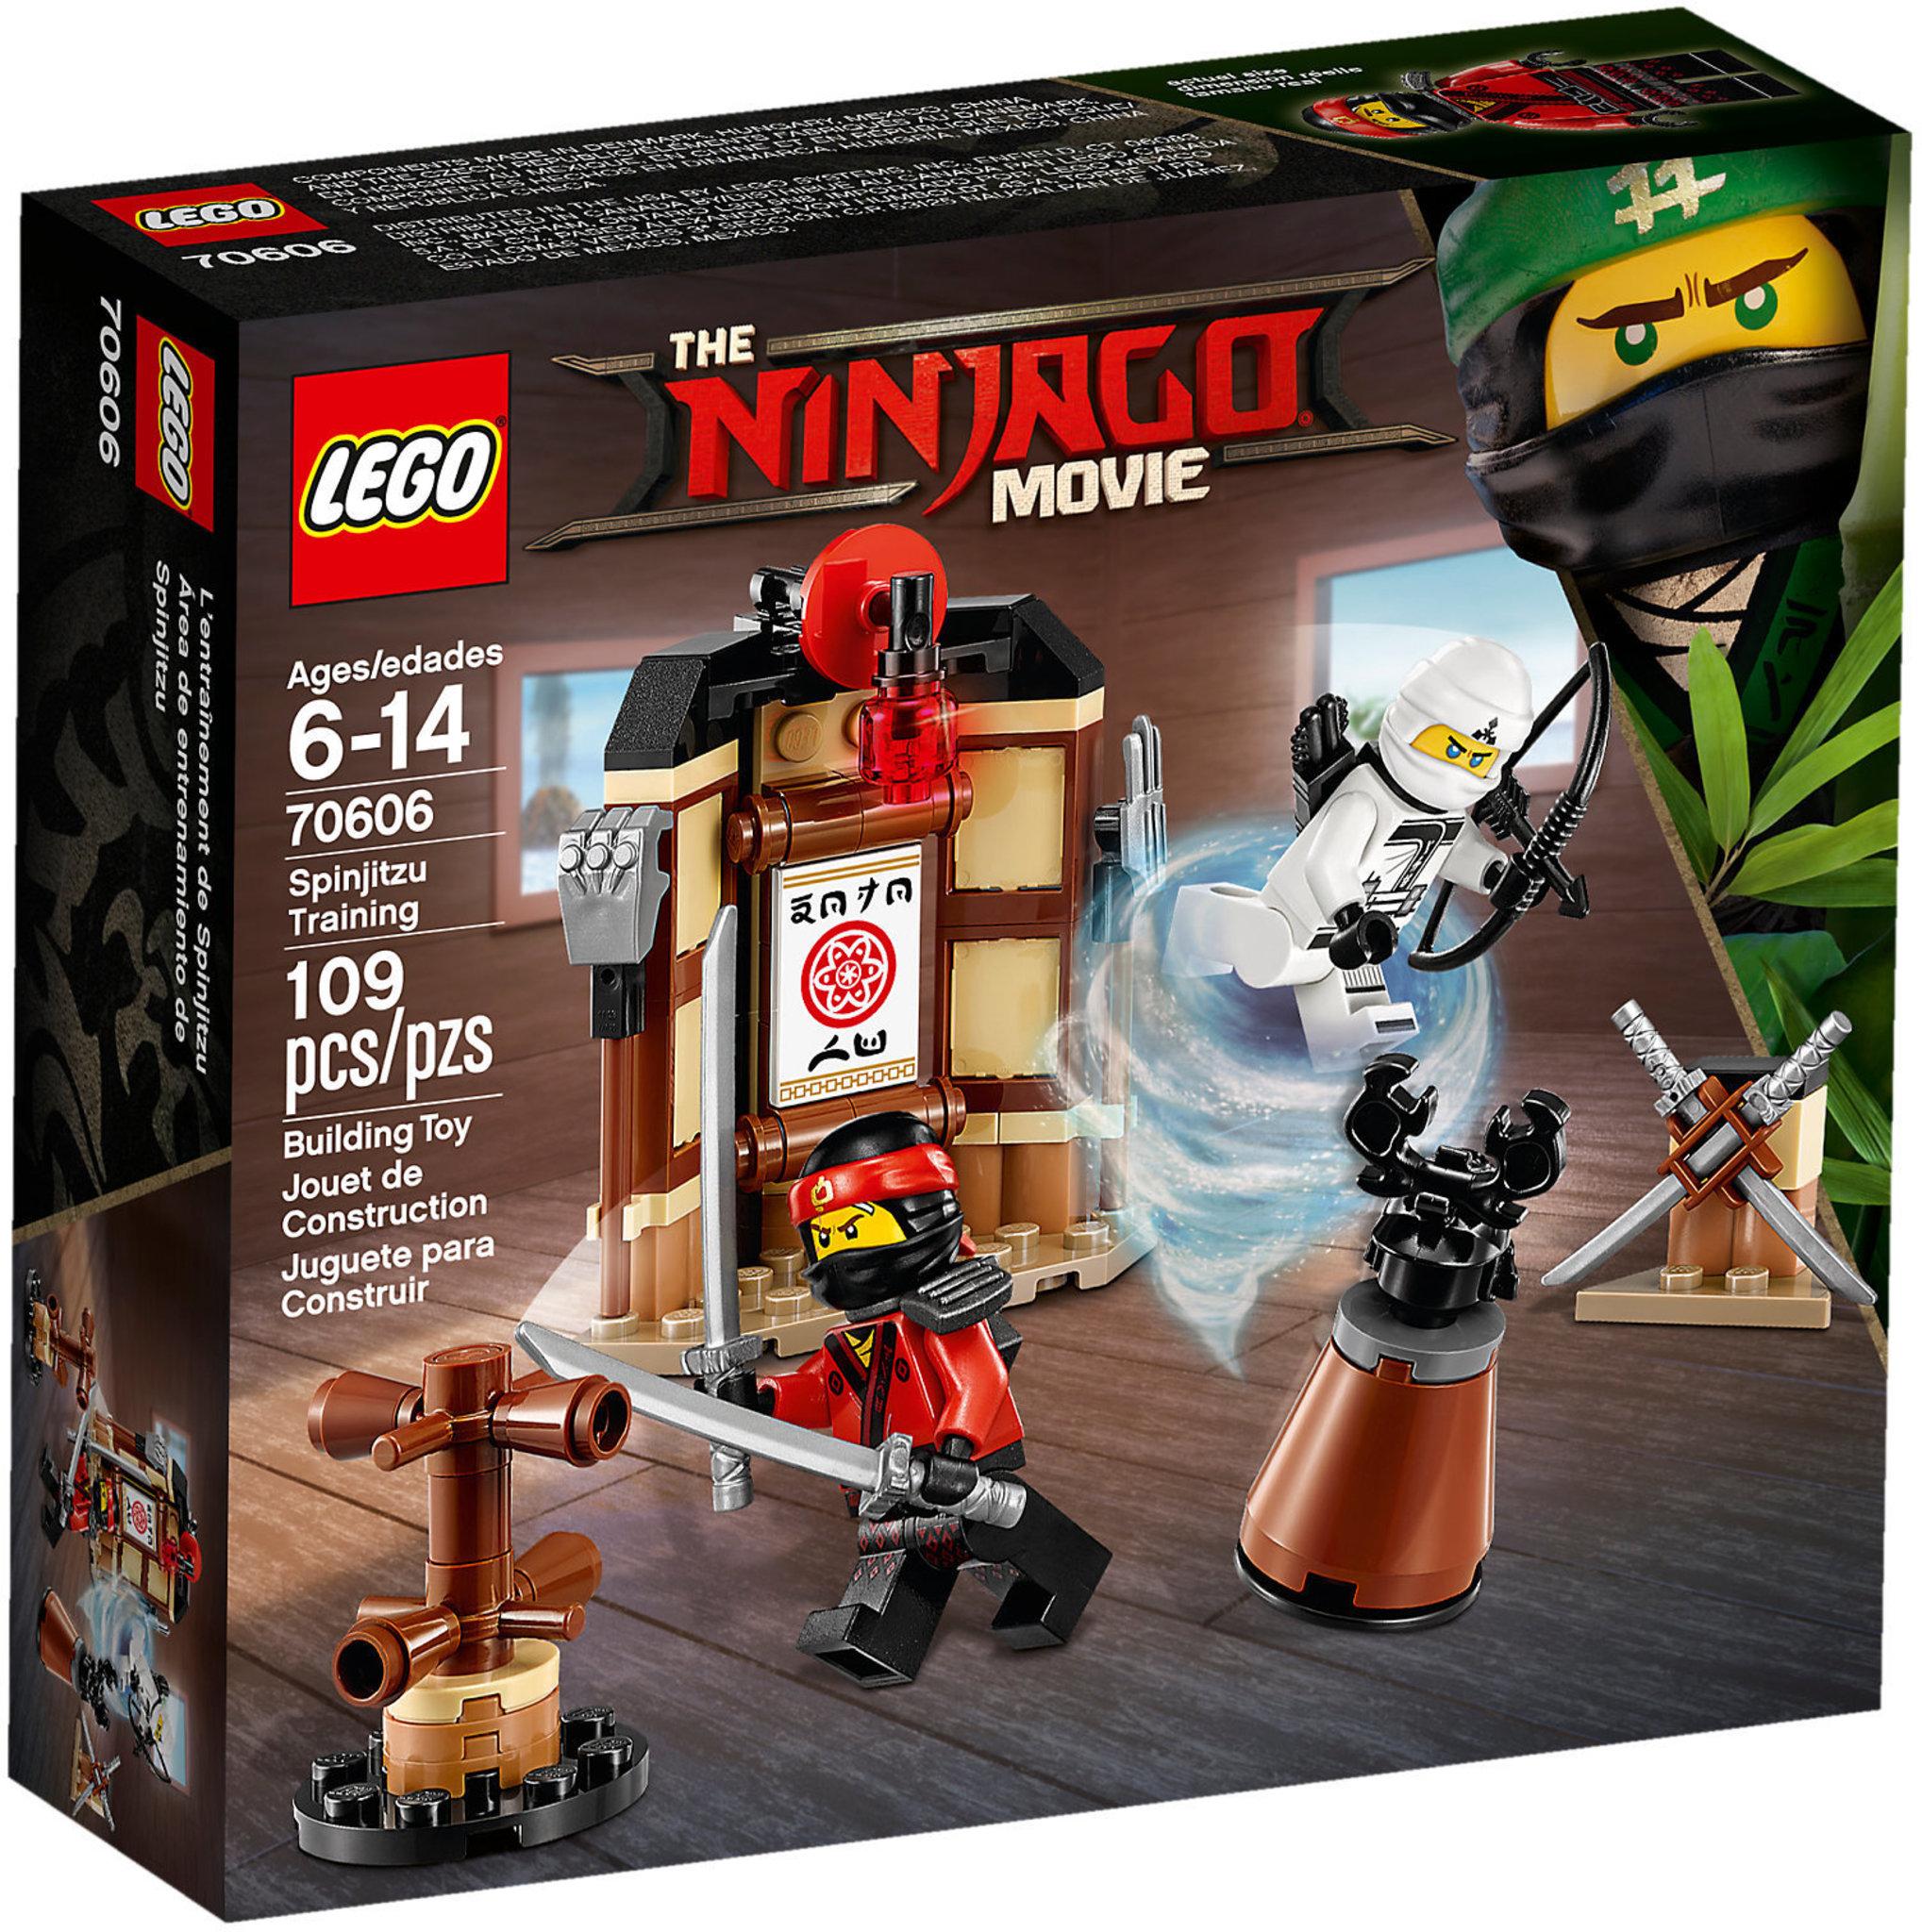 Lego T Ninjago De Construction 70606 L Jeu tChrxsQd